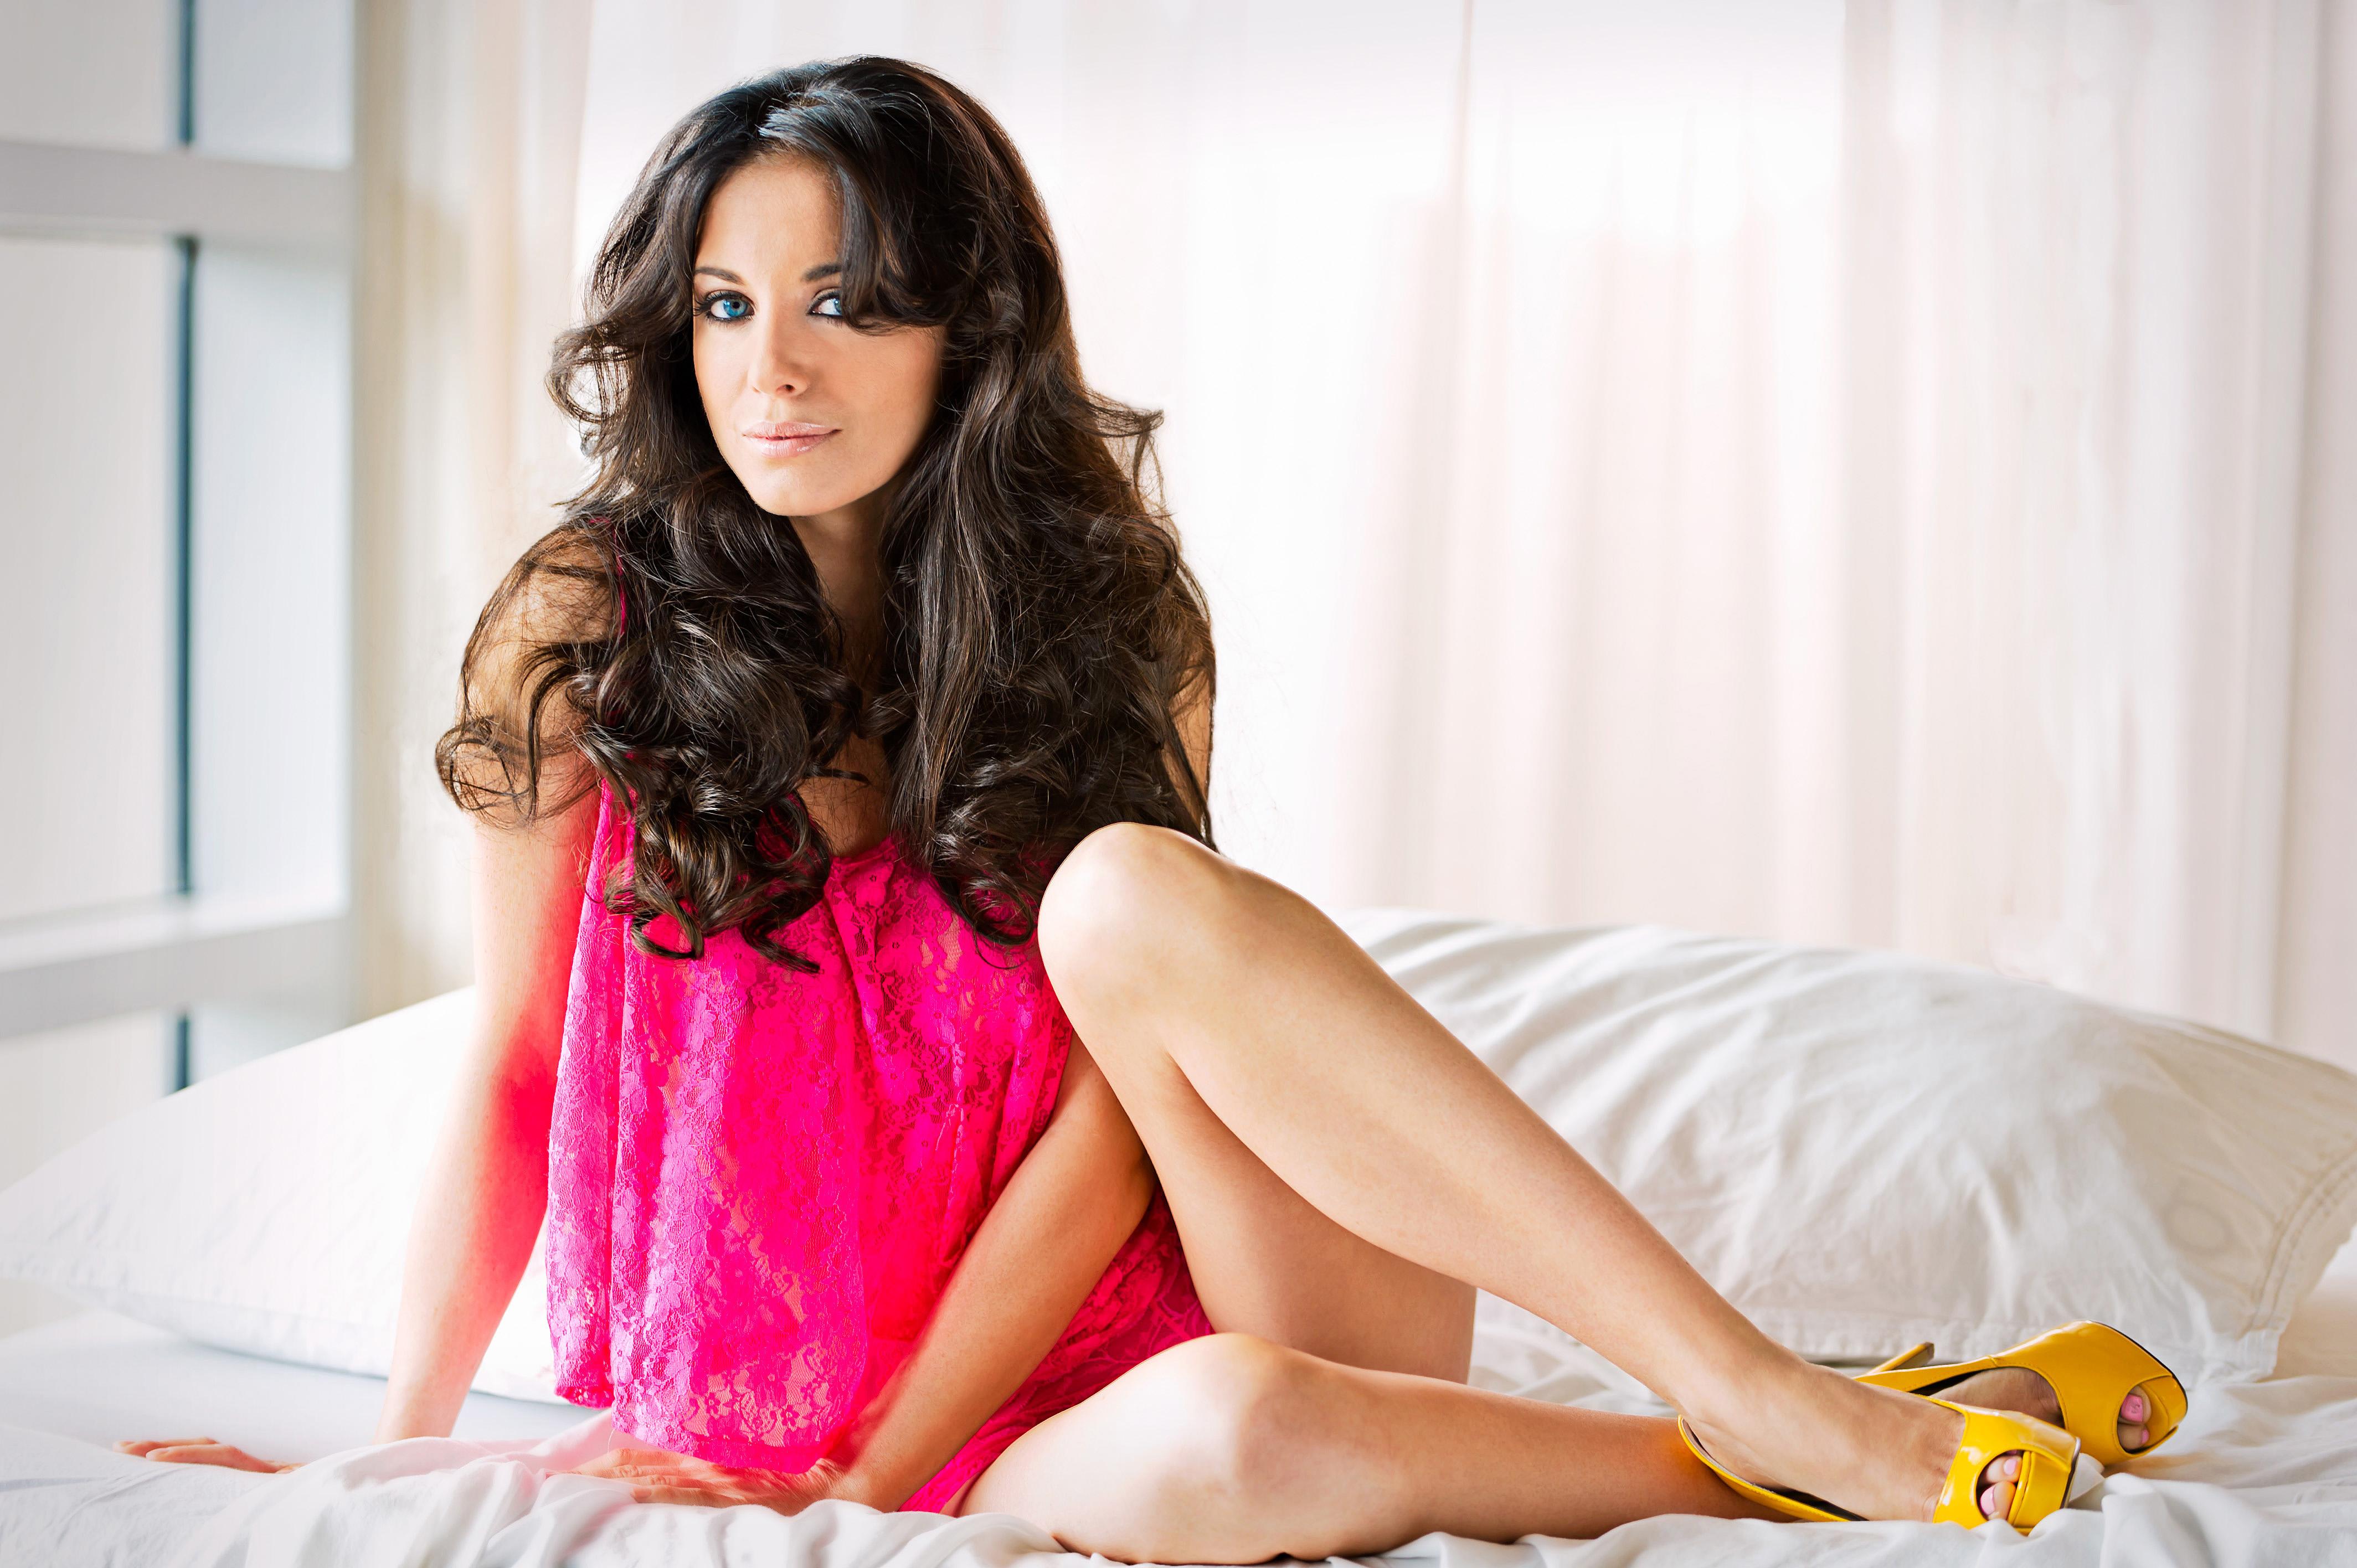 Emilia Fox (born 1974) images